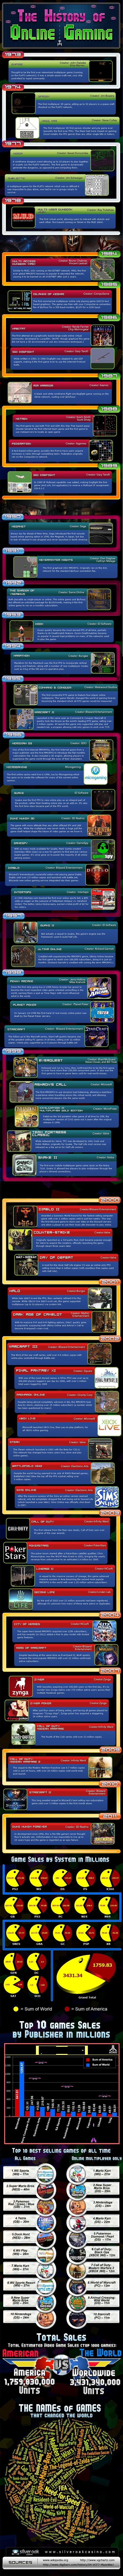 Los juegos en línea [Infografía] - onlinegaming